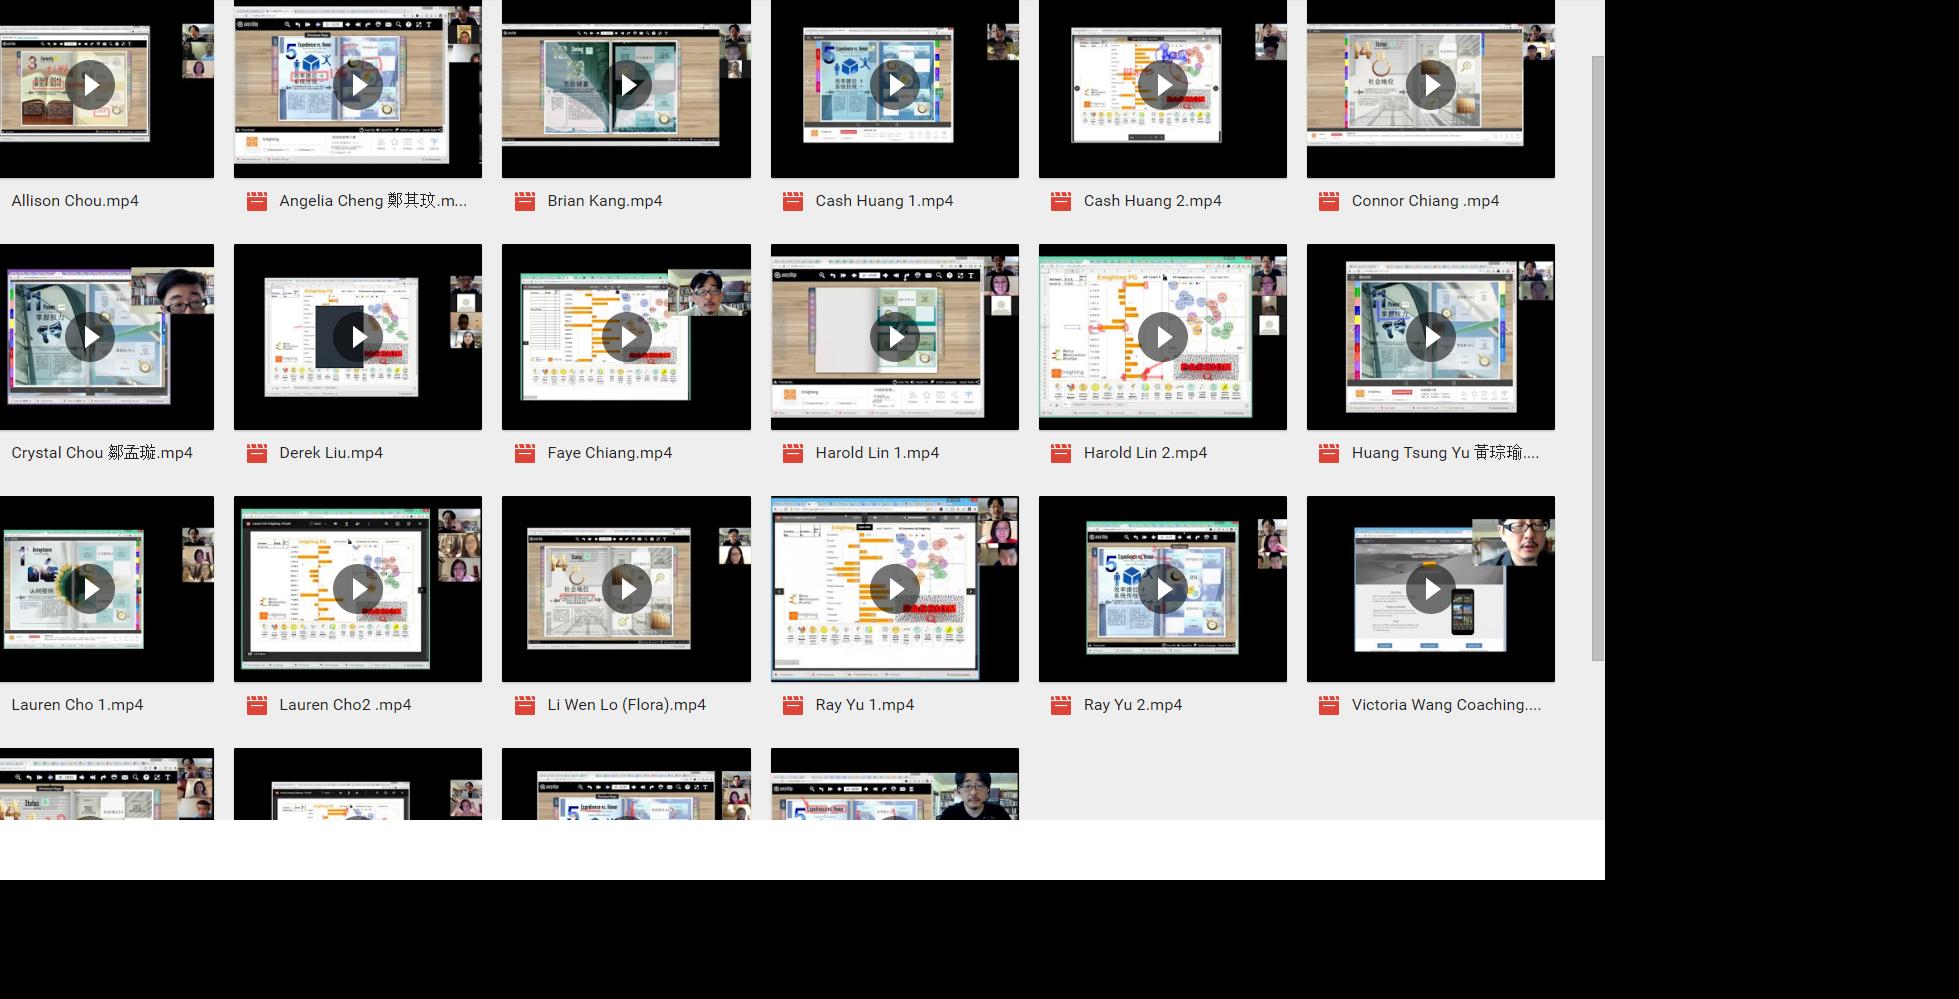 Coaching Video   Google Drive